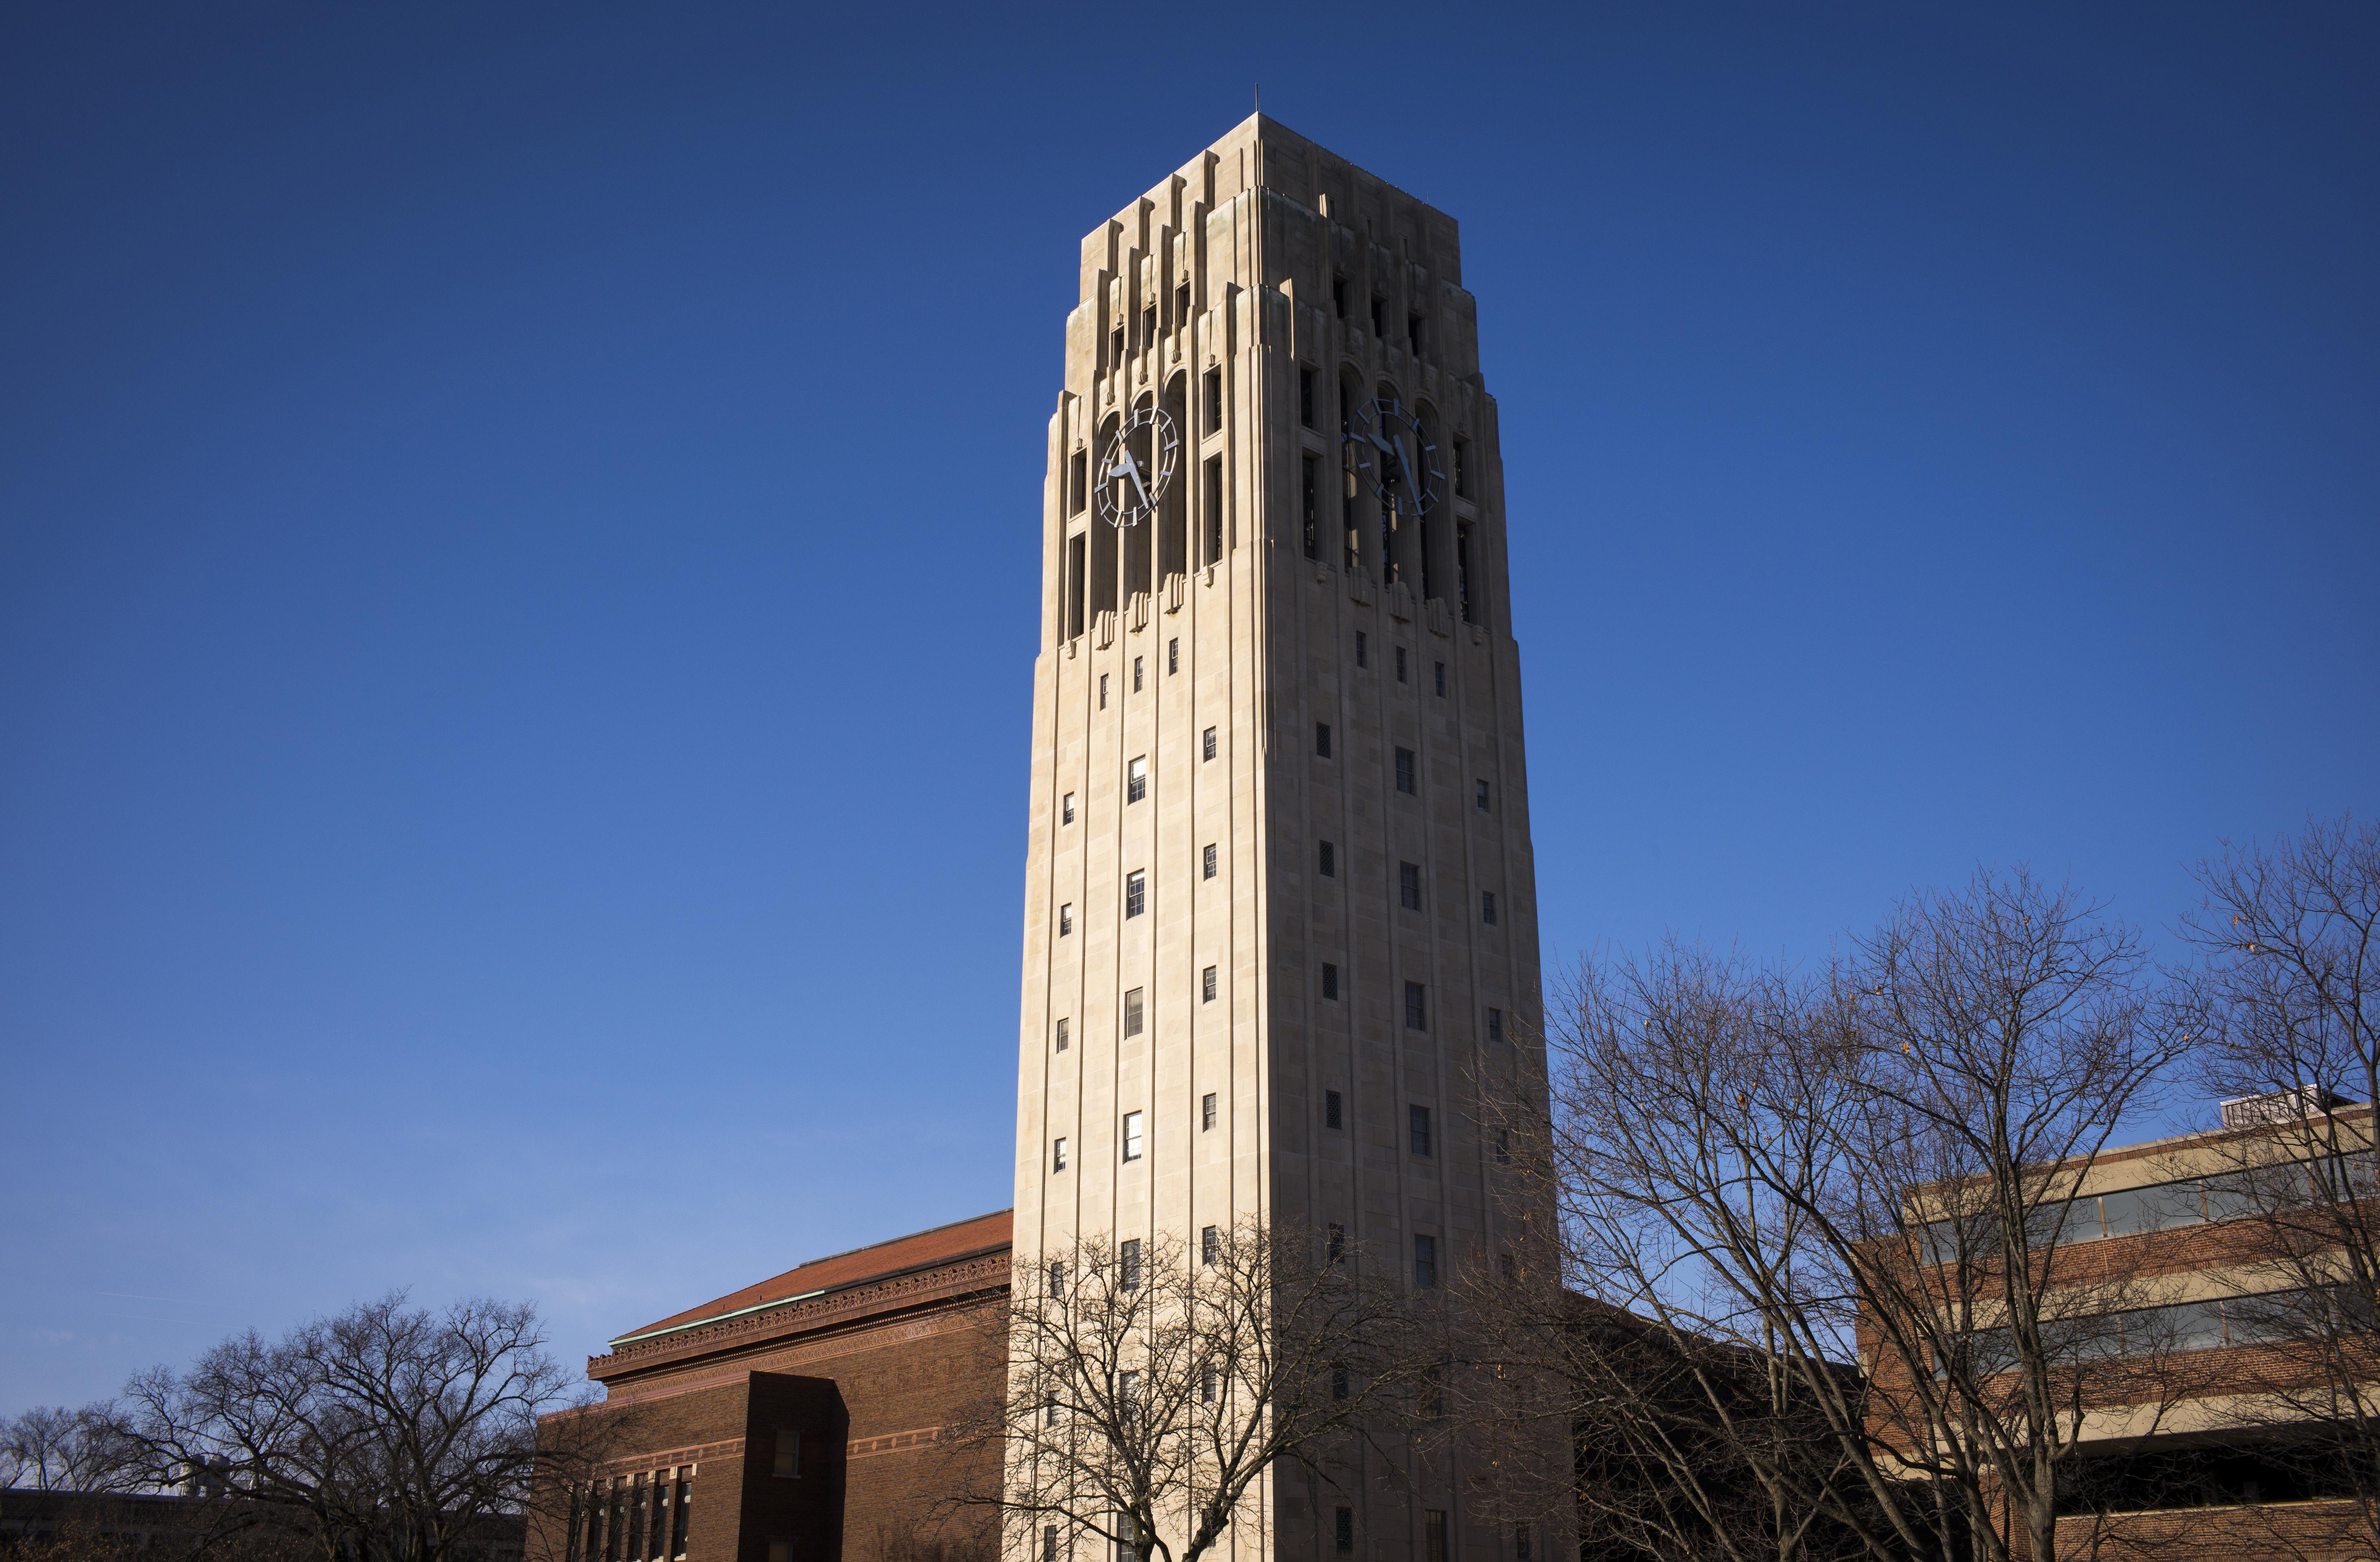 Burton Memorial Tower At The University Of Michigan